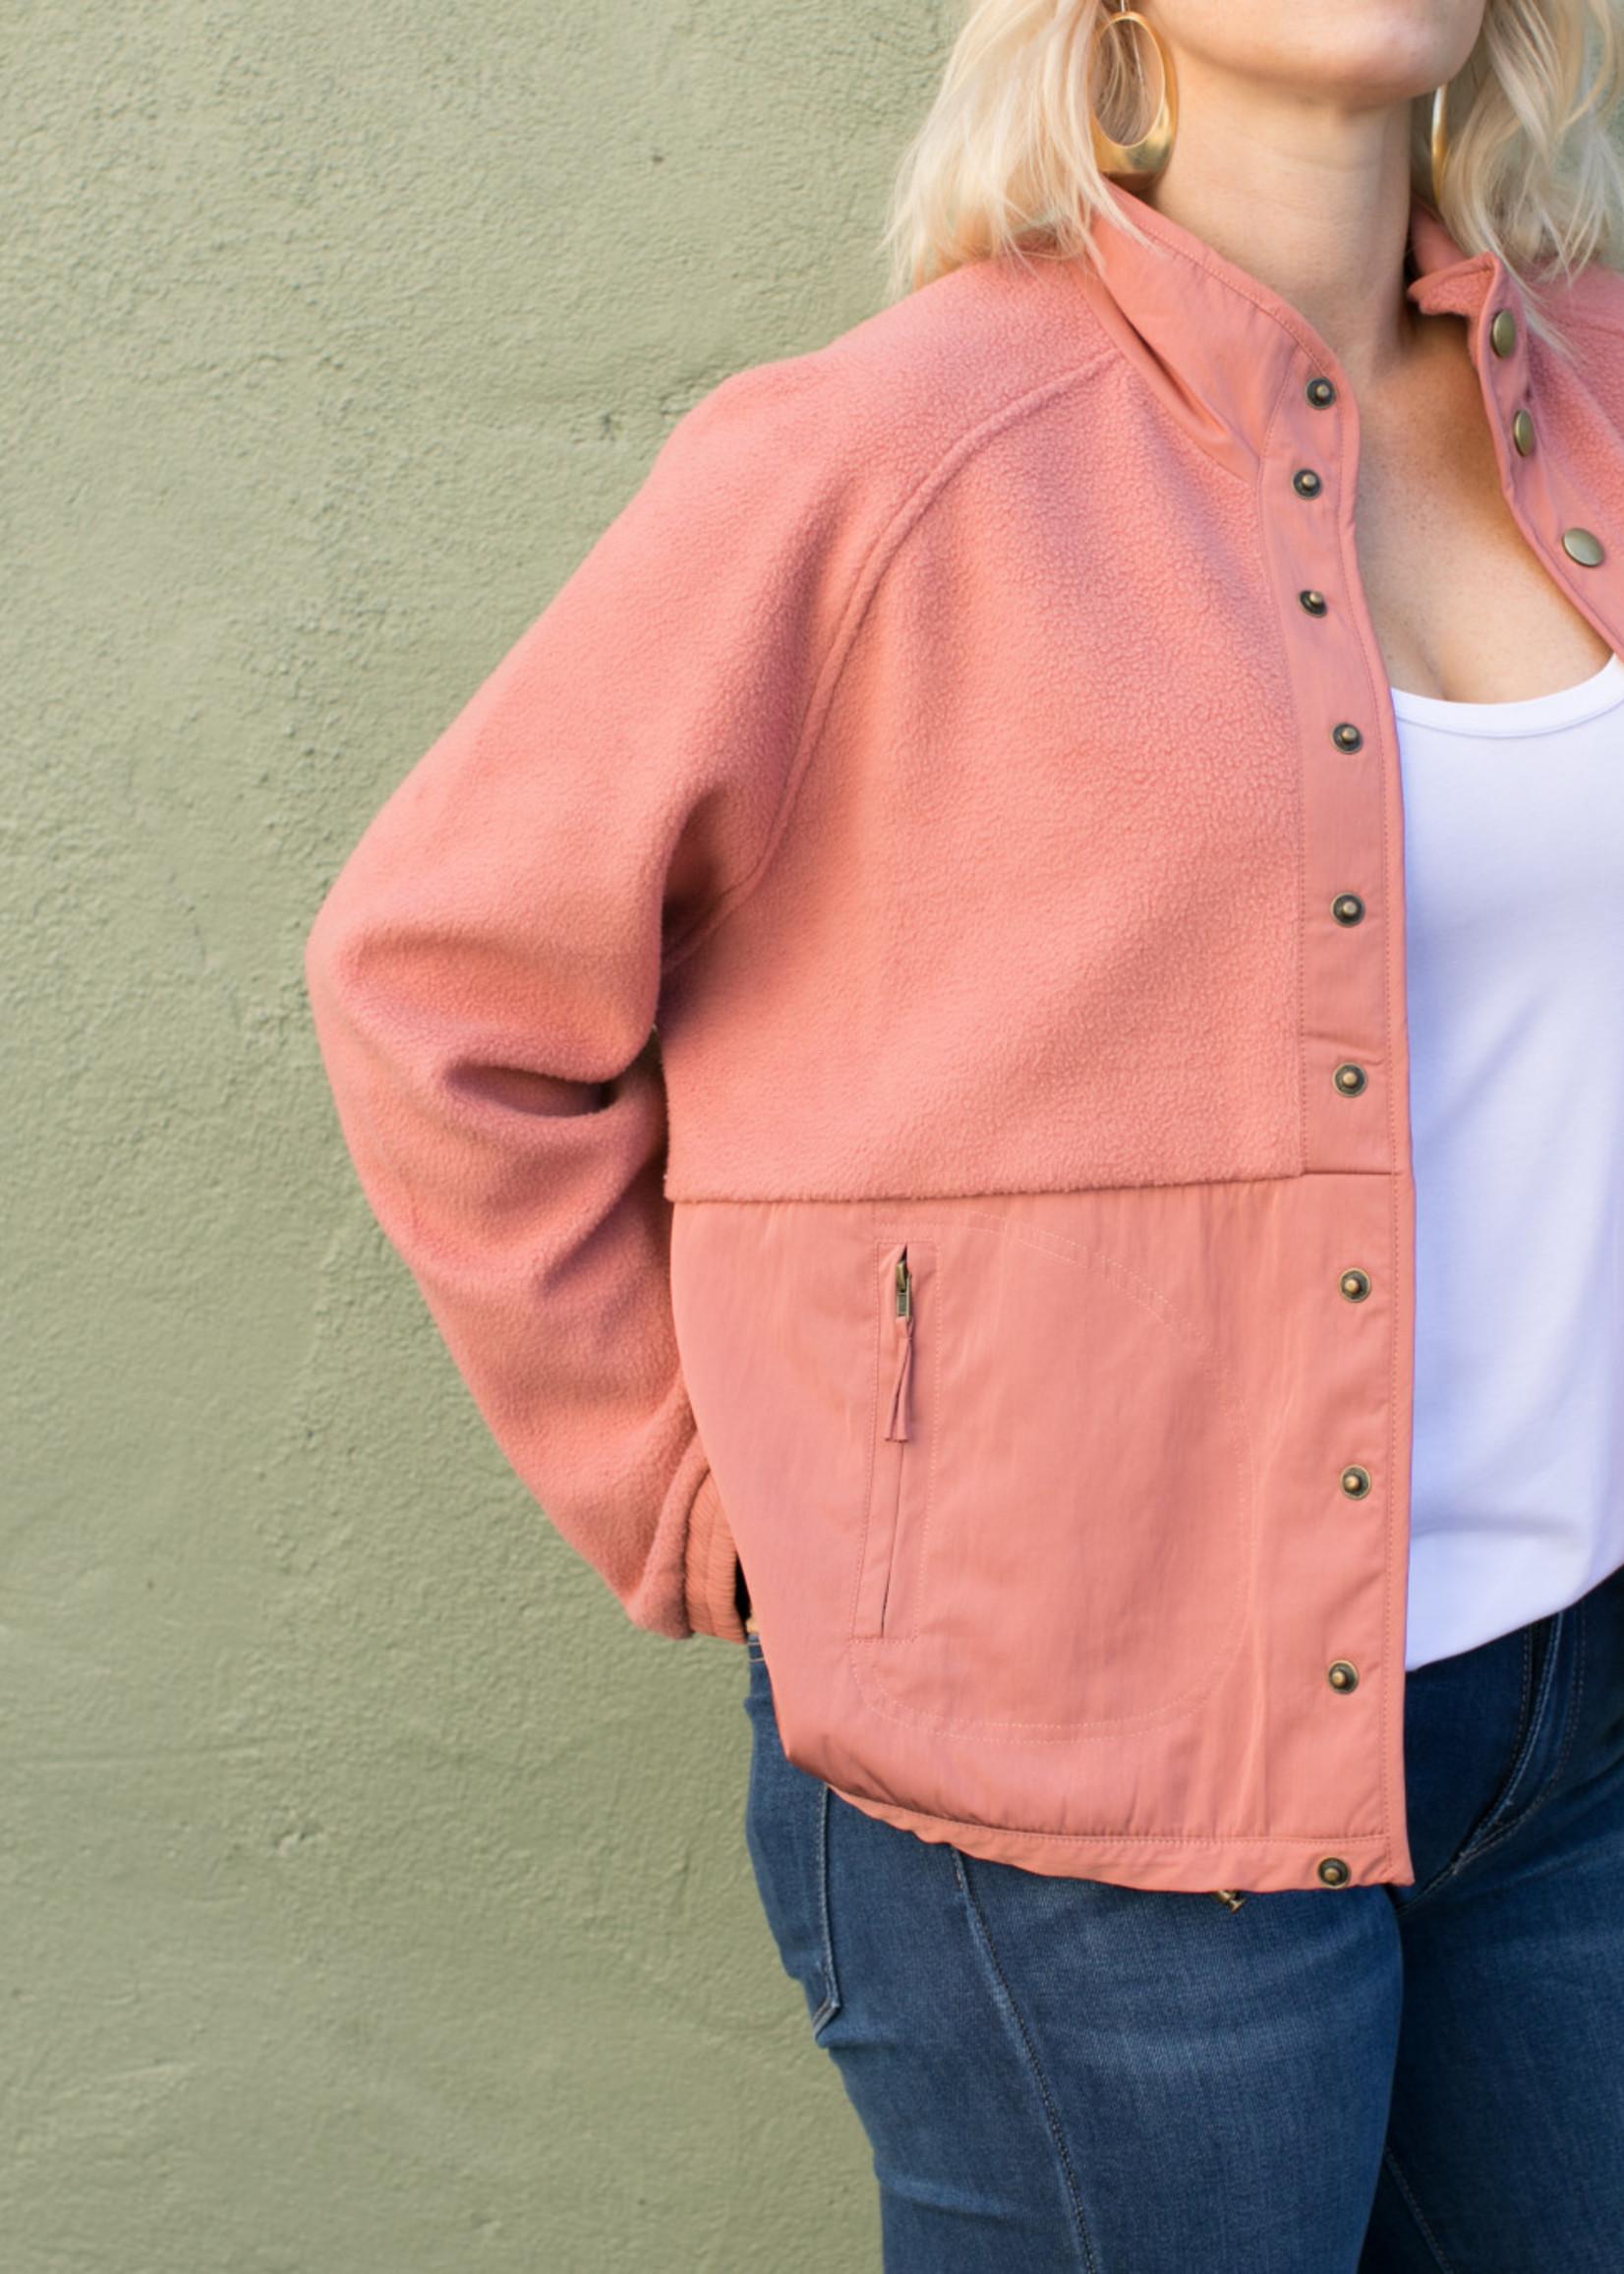 Heartloom Culver Jacket